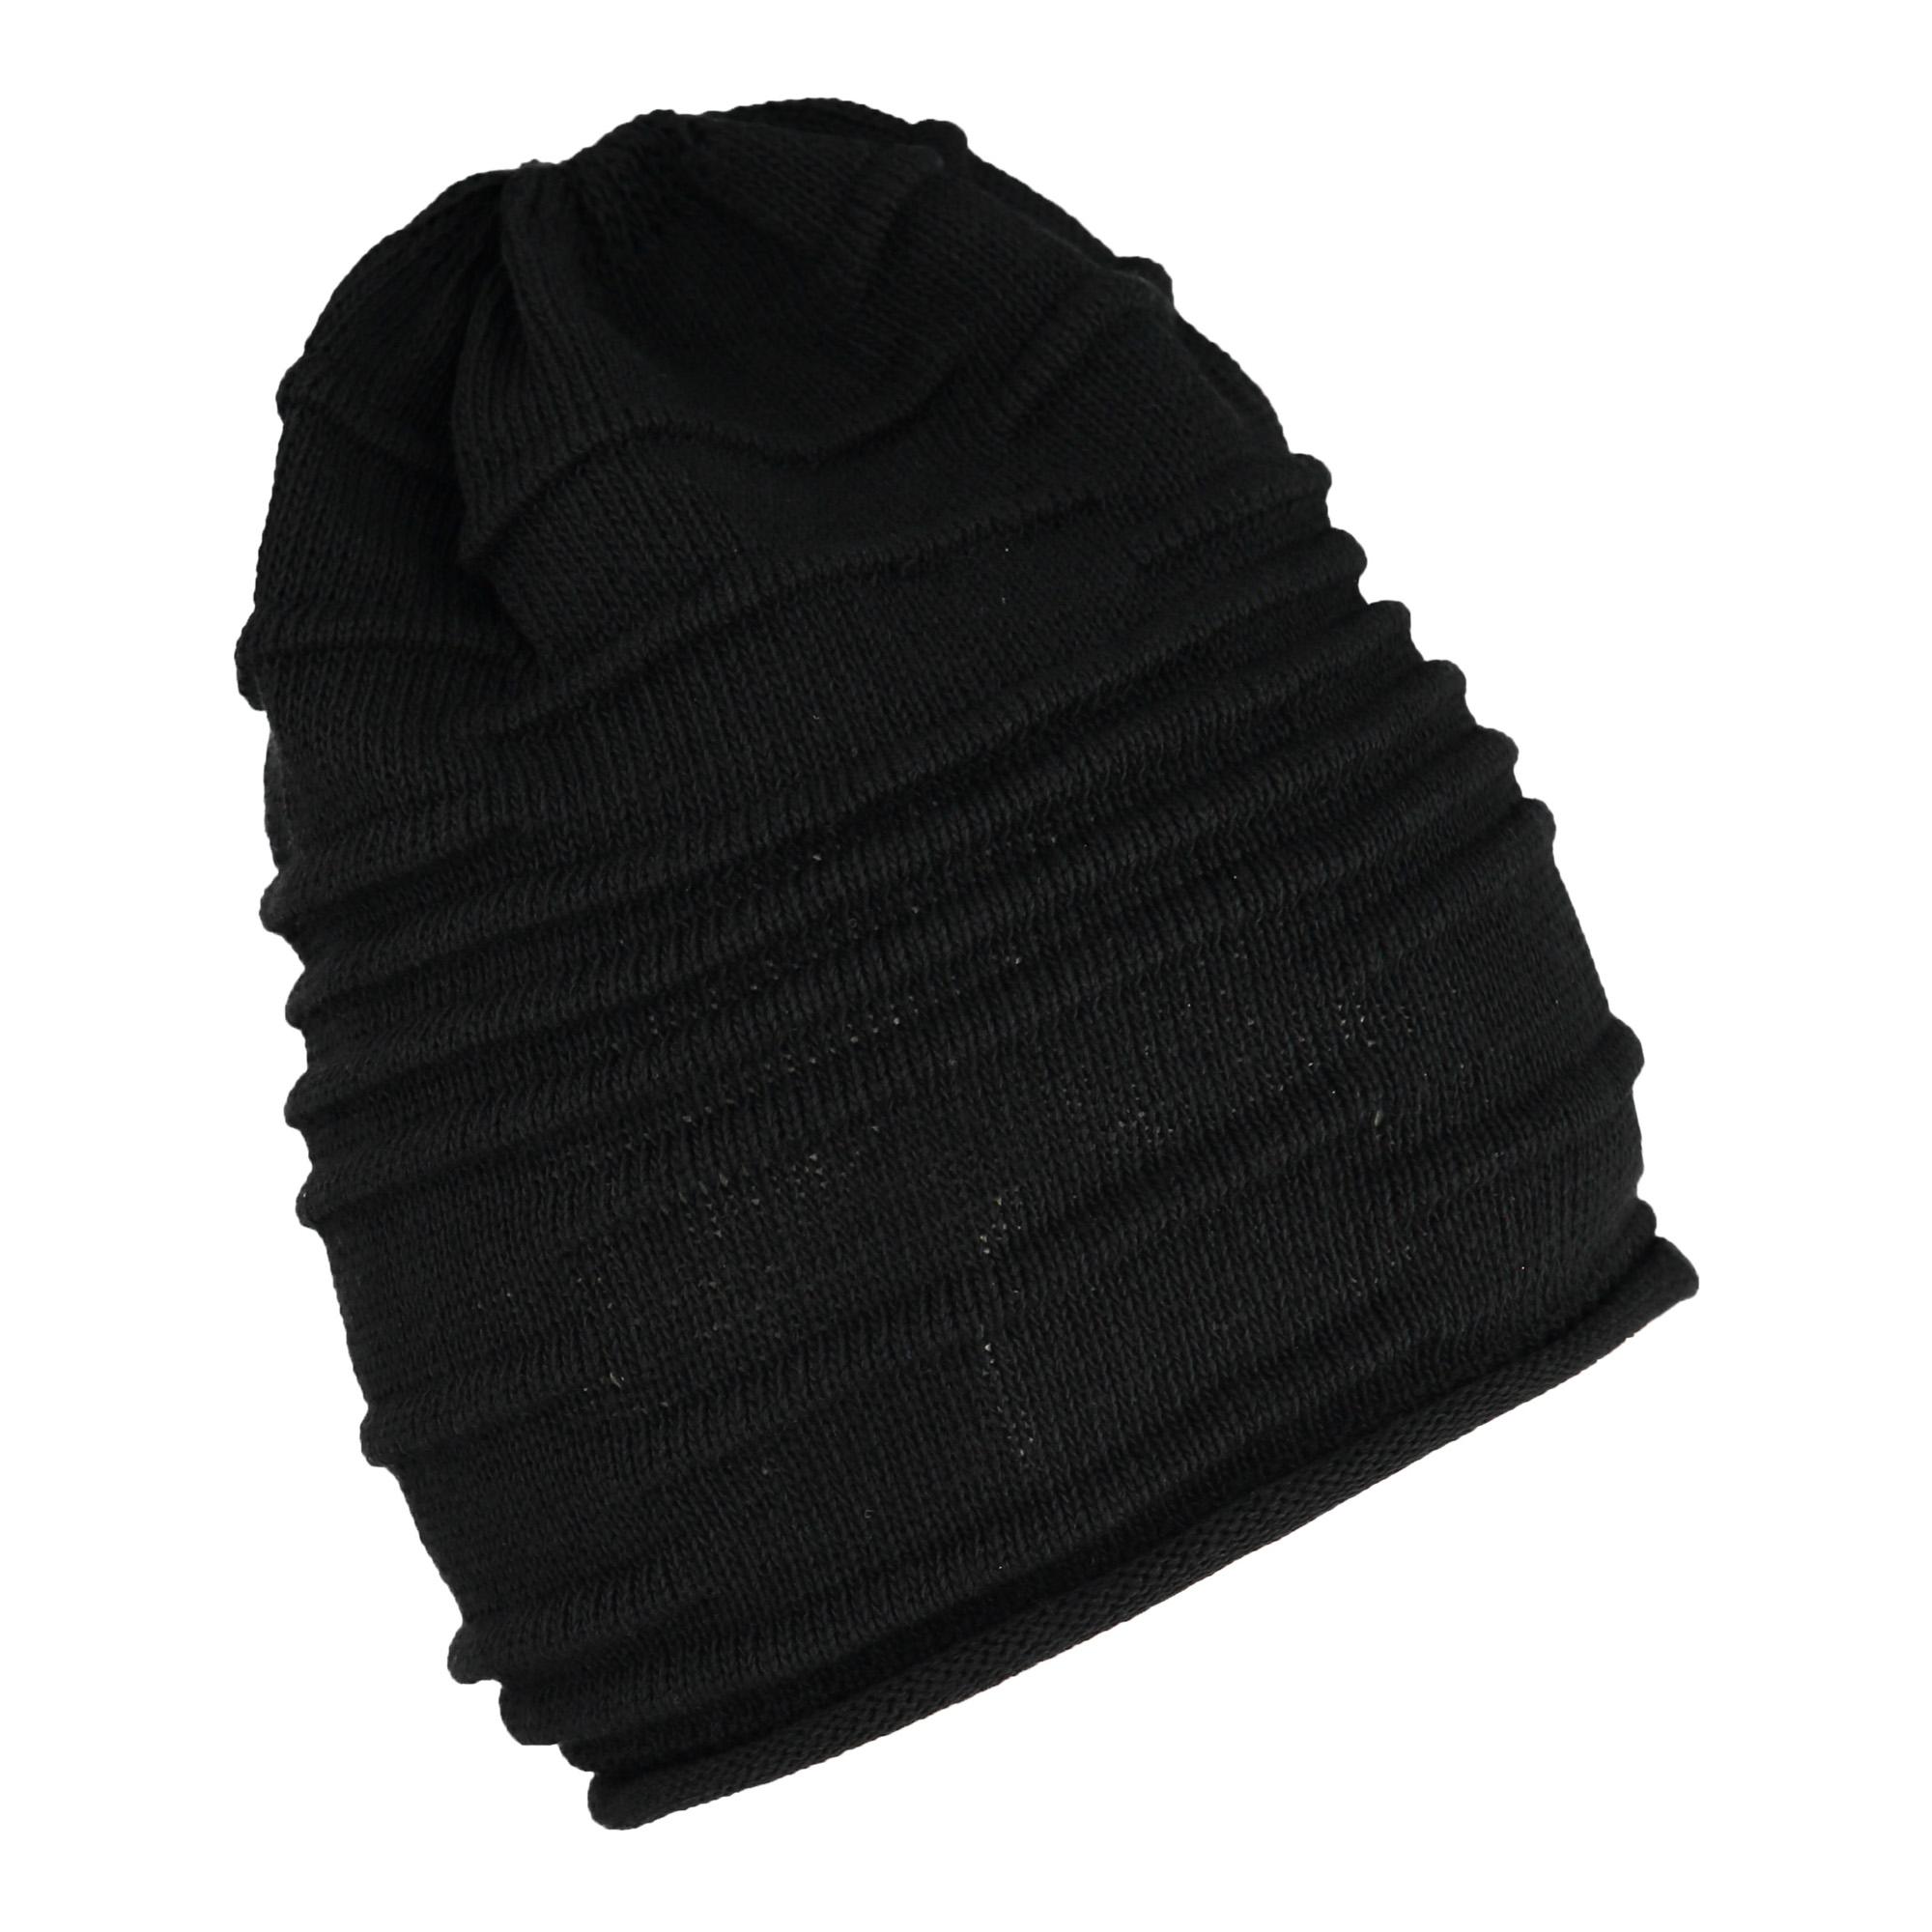 f9d3133f241 Kootud müts - Peakatted - Mehed - Aksessuaarid